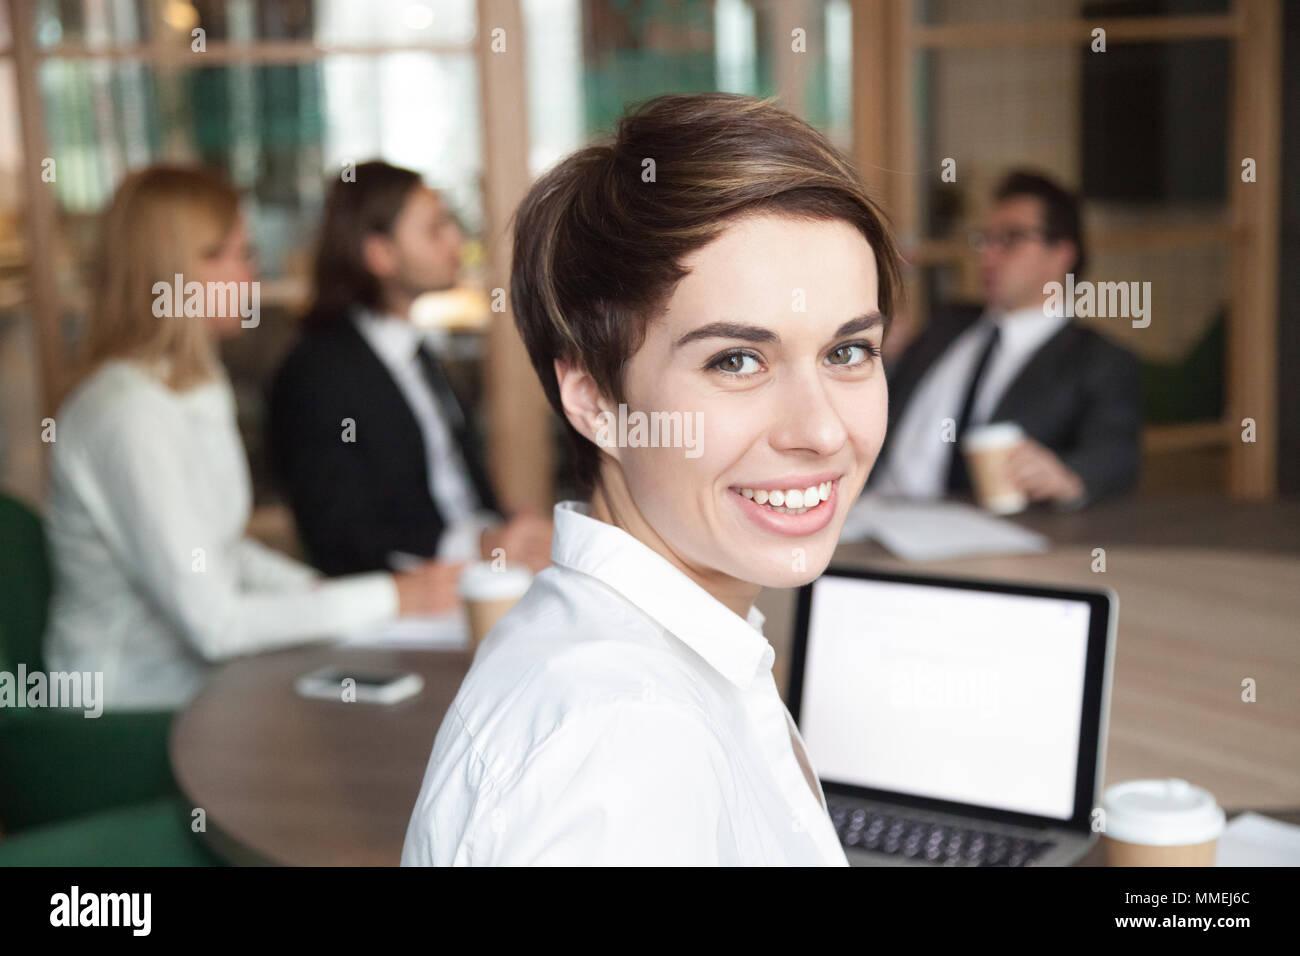 Lächelnd Geschäftsfrau professionelle Dolmetscher bei Kamera suchen Stockbild